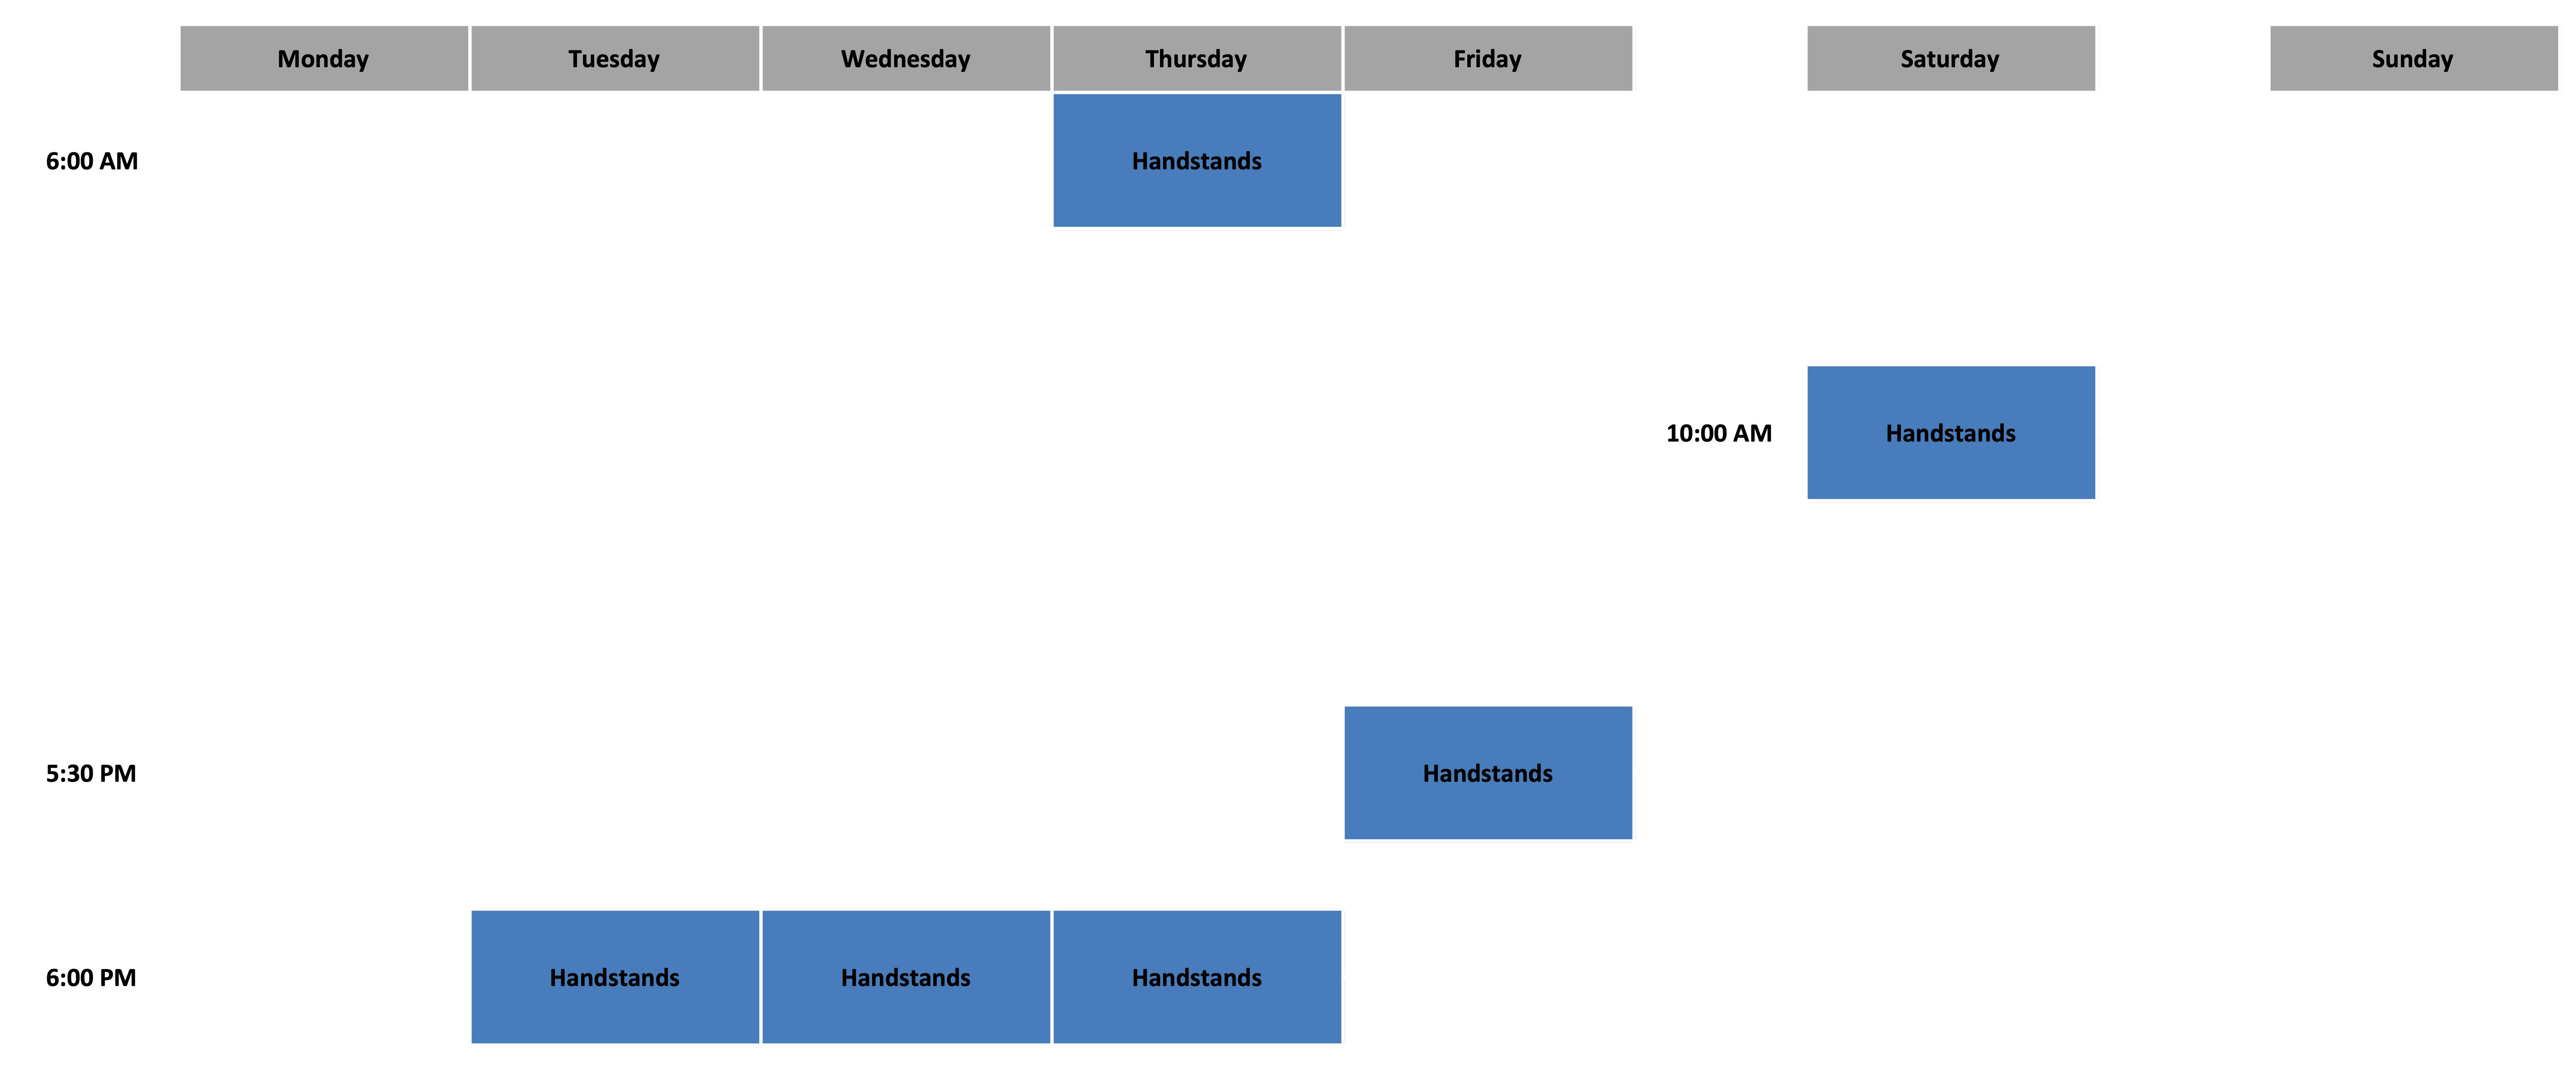 Handstands Schedule - August 2020